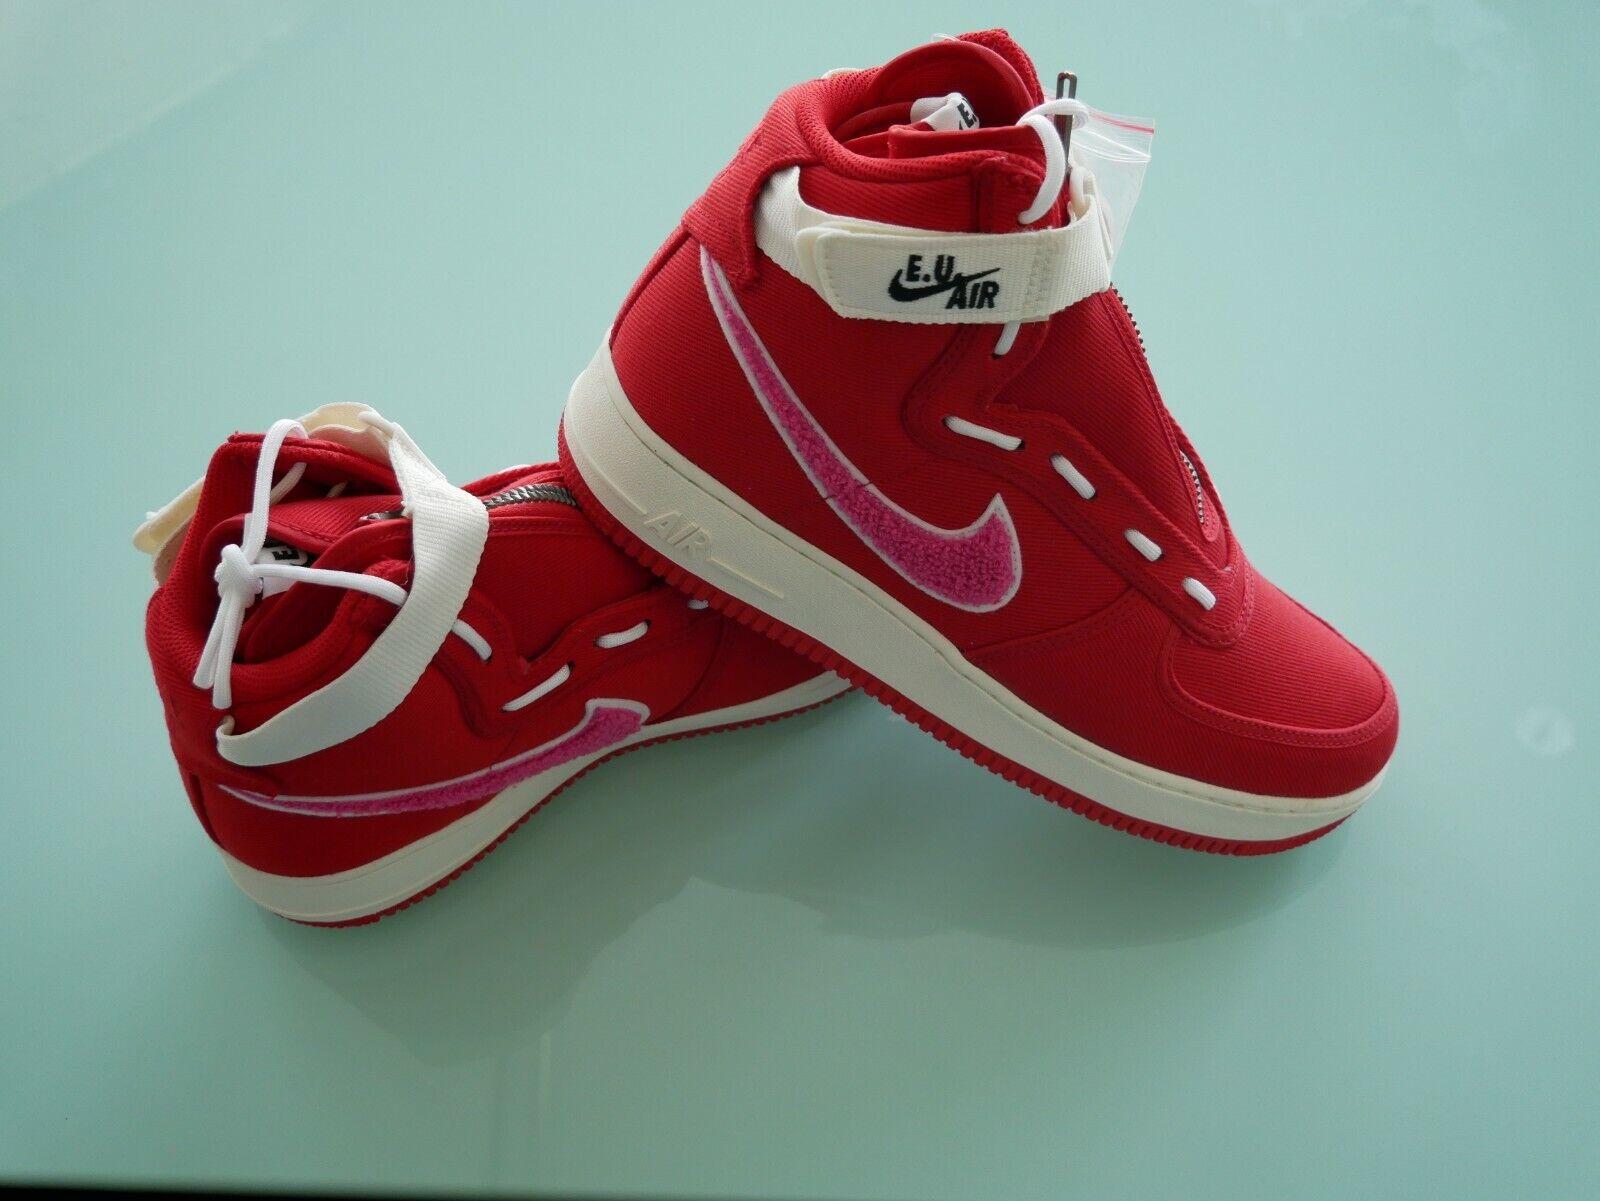 Nike Air Force  1 High Emotionally Unsponibili Mens Sz 10.5 US NIB AV5840 -600 EU  prezzo all'ingrosso